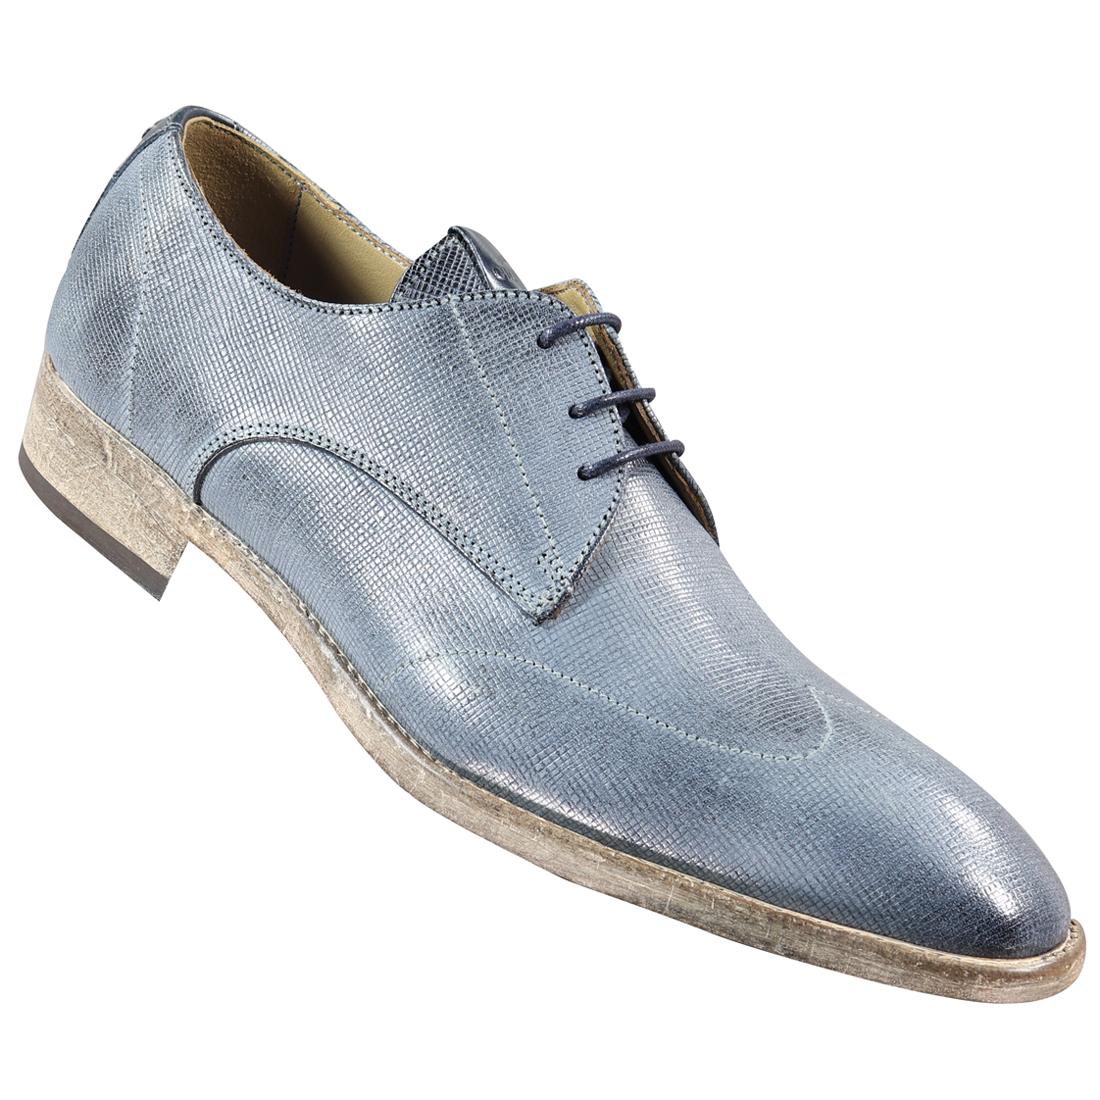 Giorgio schoenen 974147-pampas in het Blauw